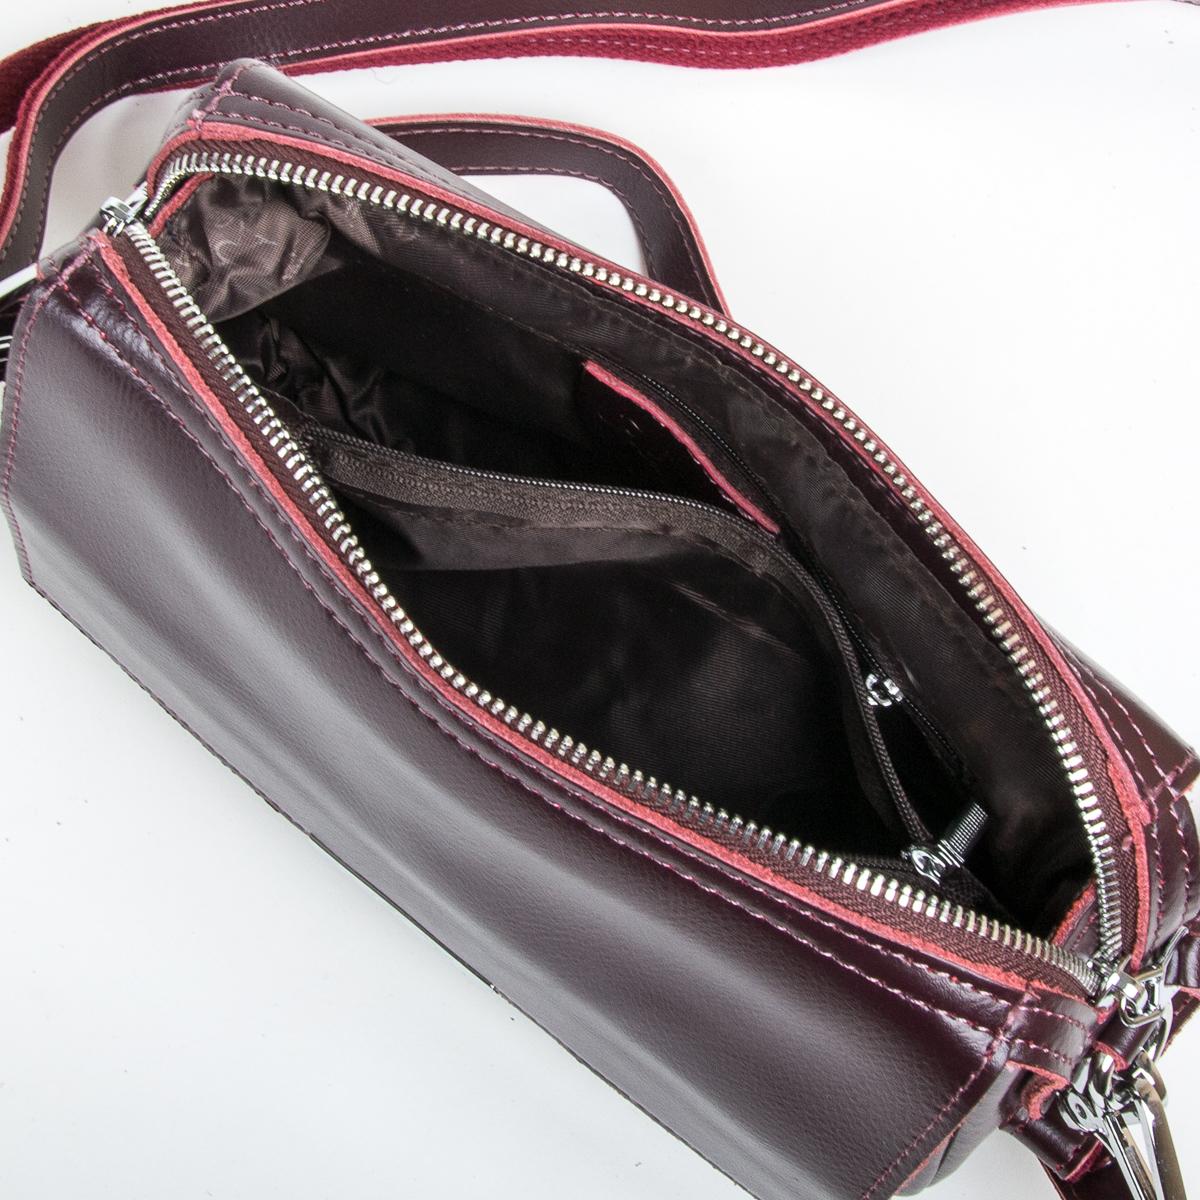 Сумка Женская Клатч кожа ALEX RAI 9-01 2227 burgundy - фото 5